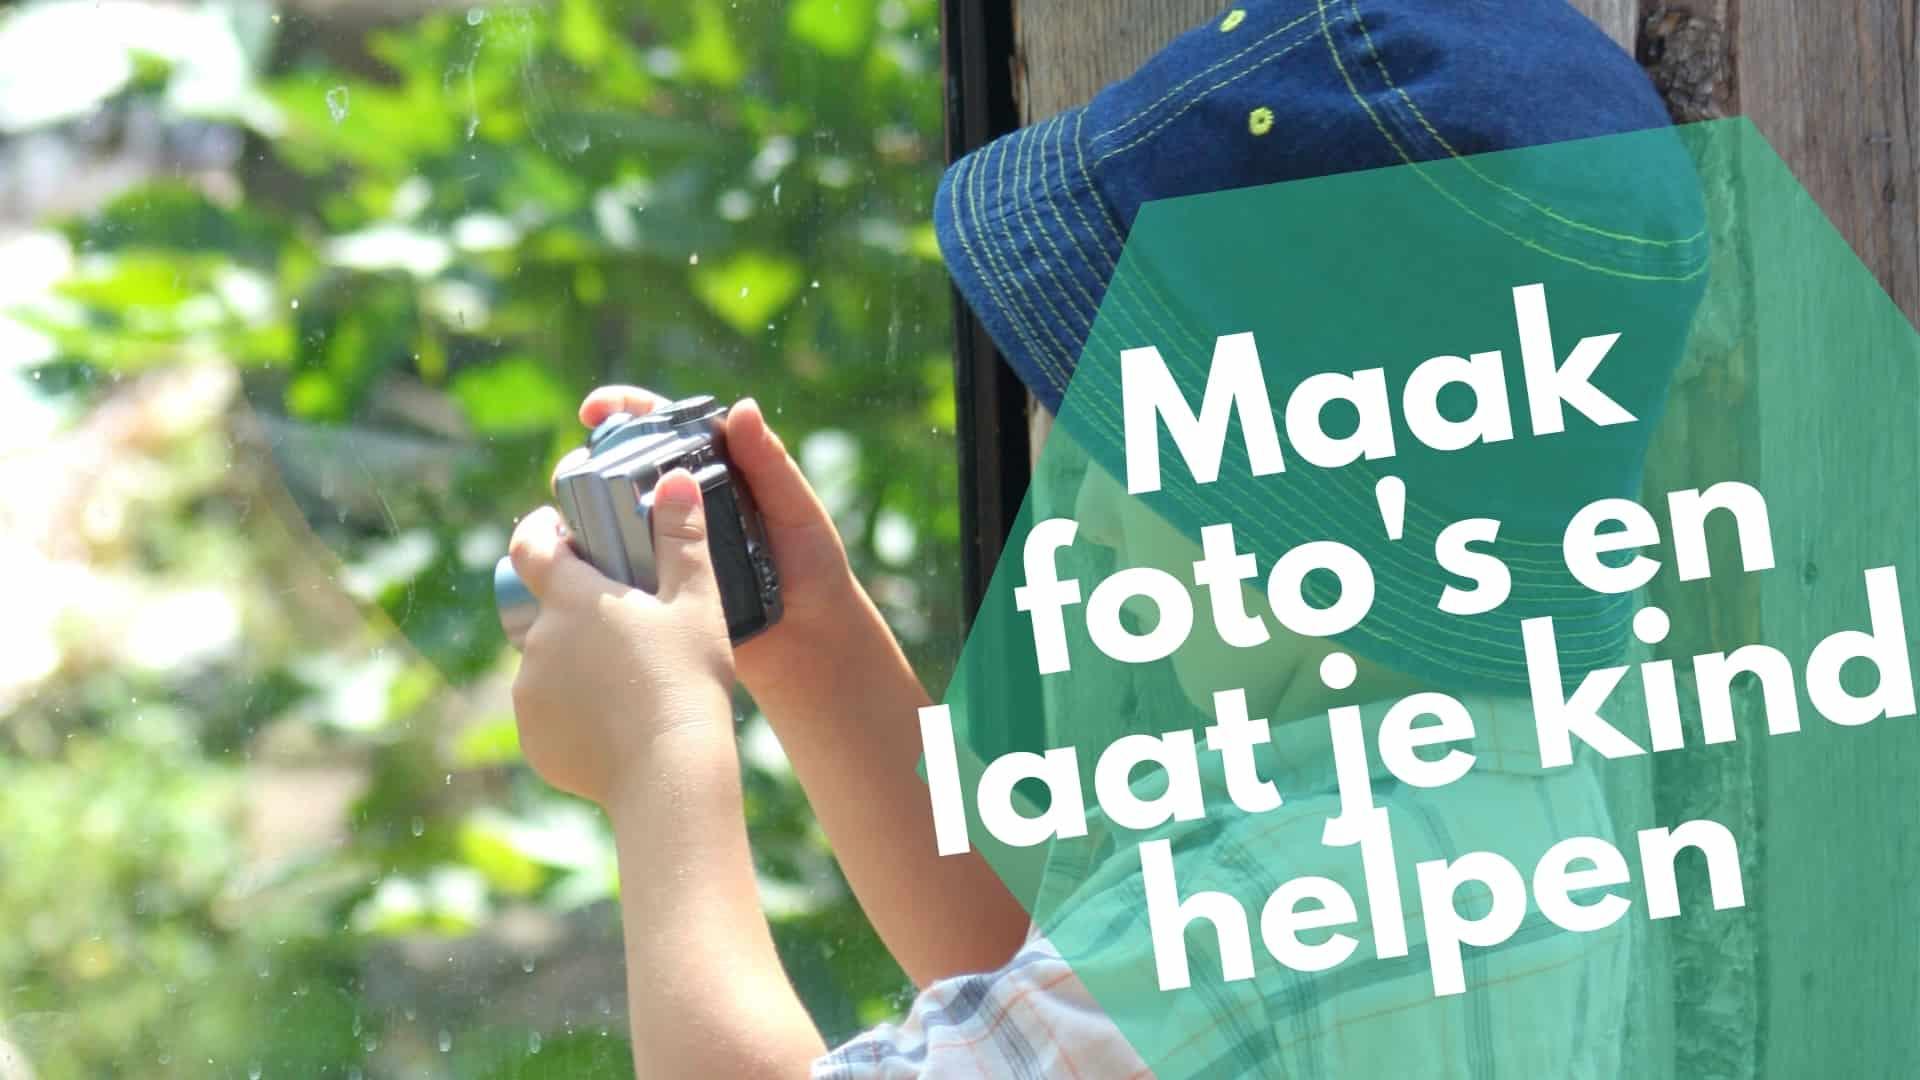 Maak foto's en laat je kind helpen